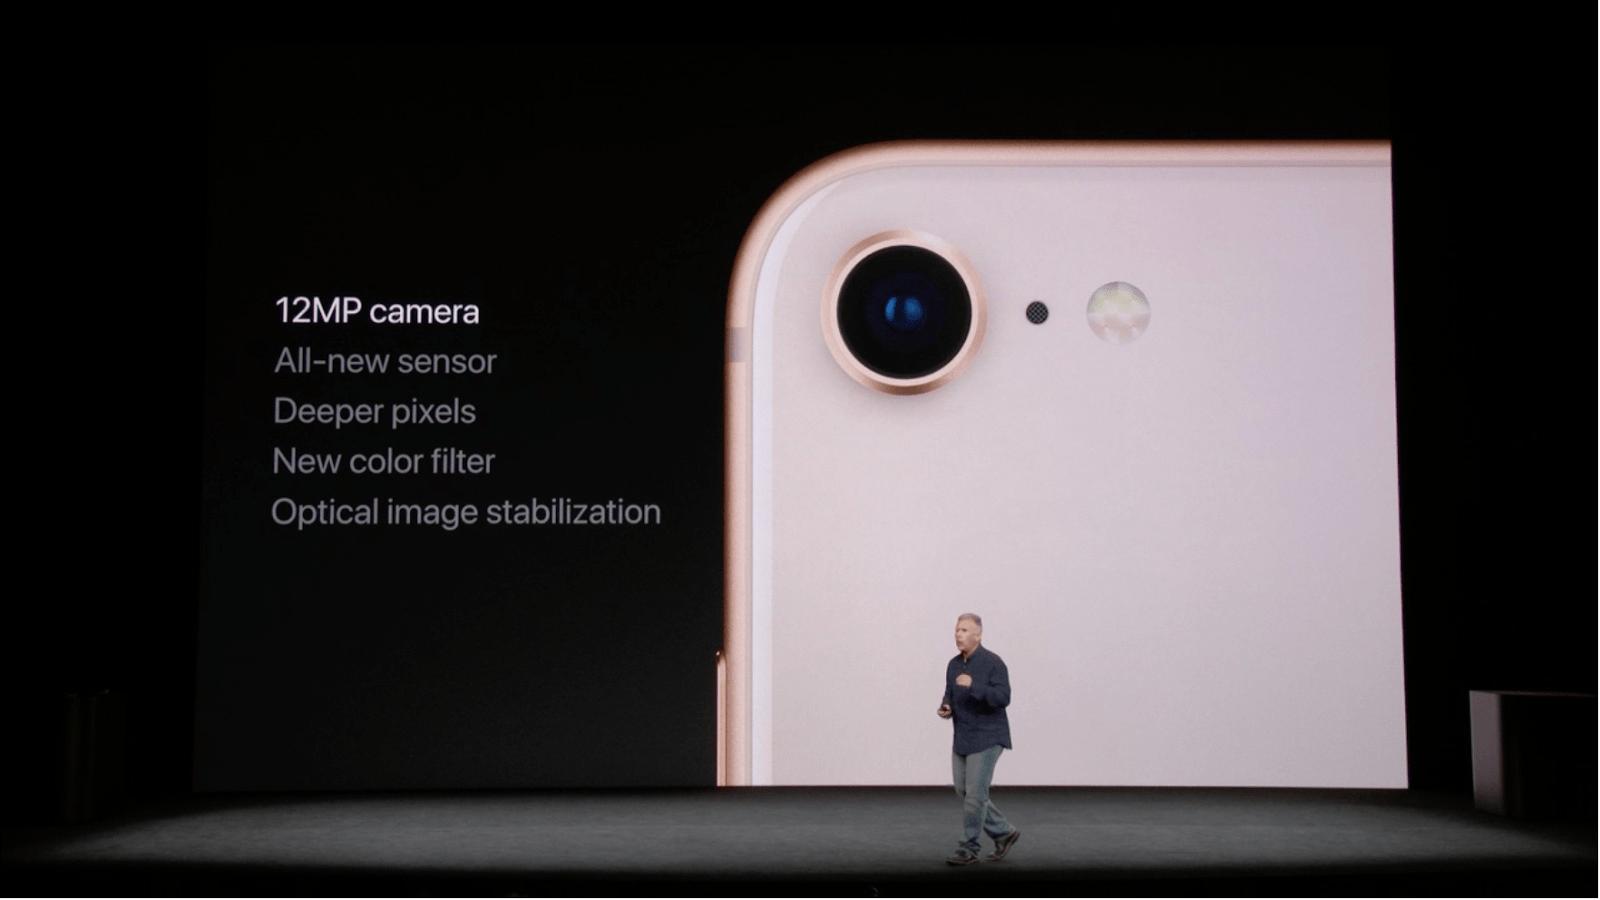 Camera iPhone 8 8 Plus cho hình ảnh và video tốt hơn